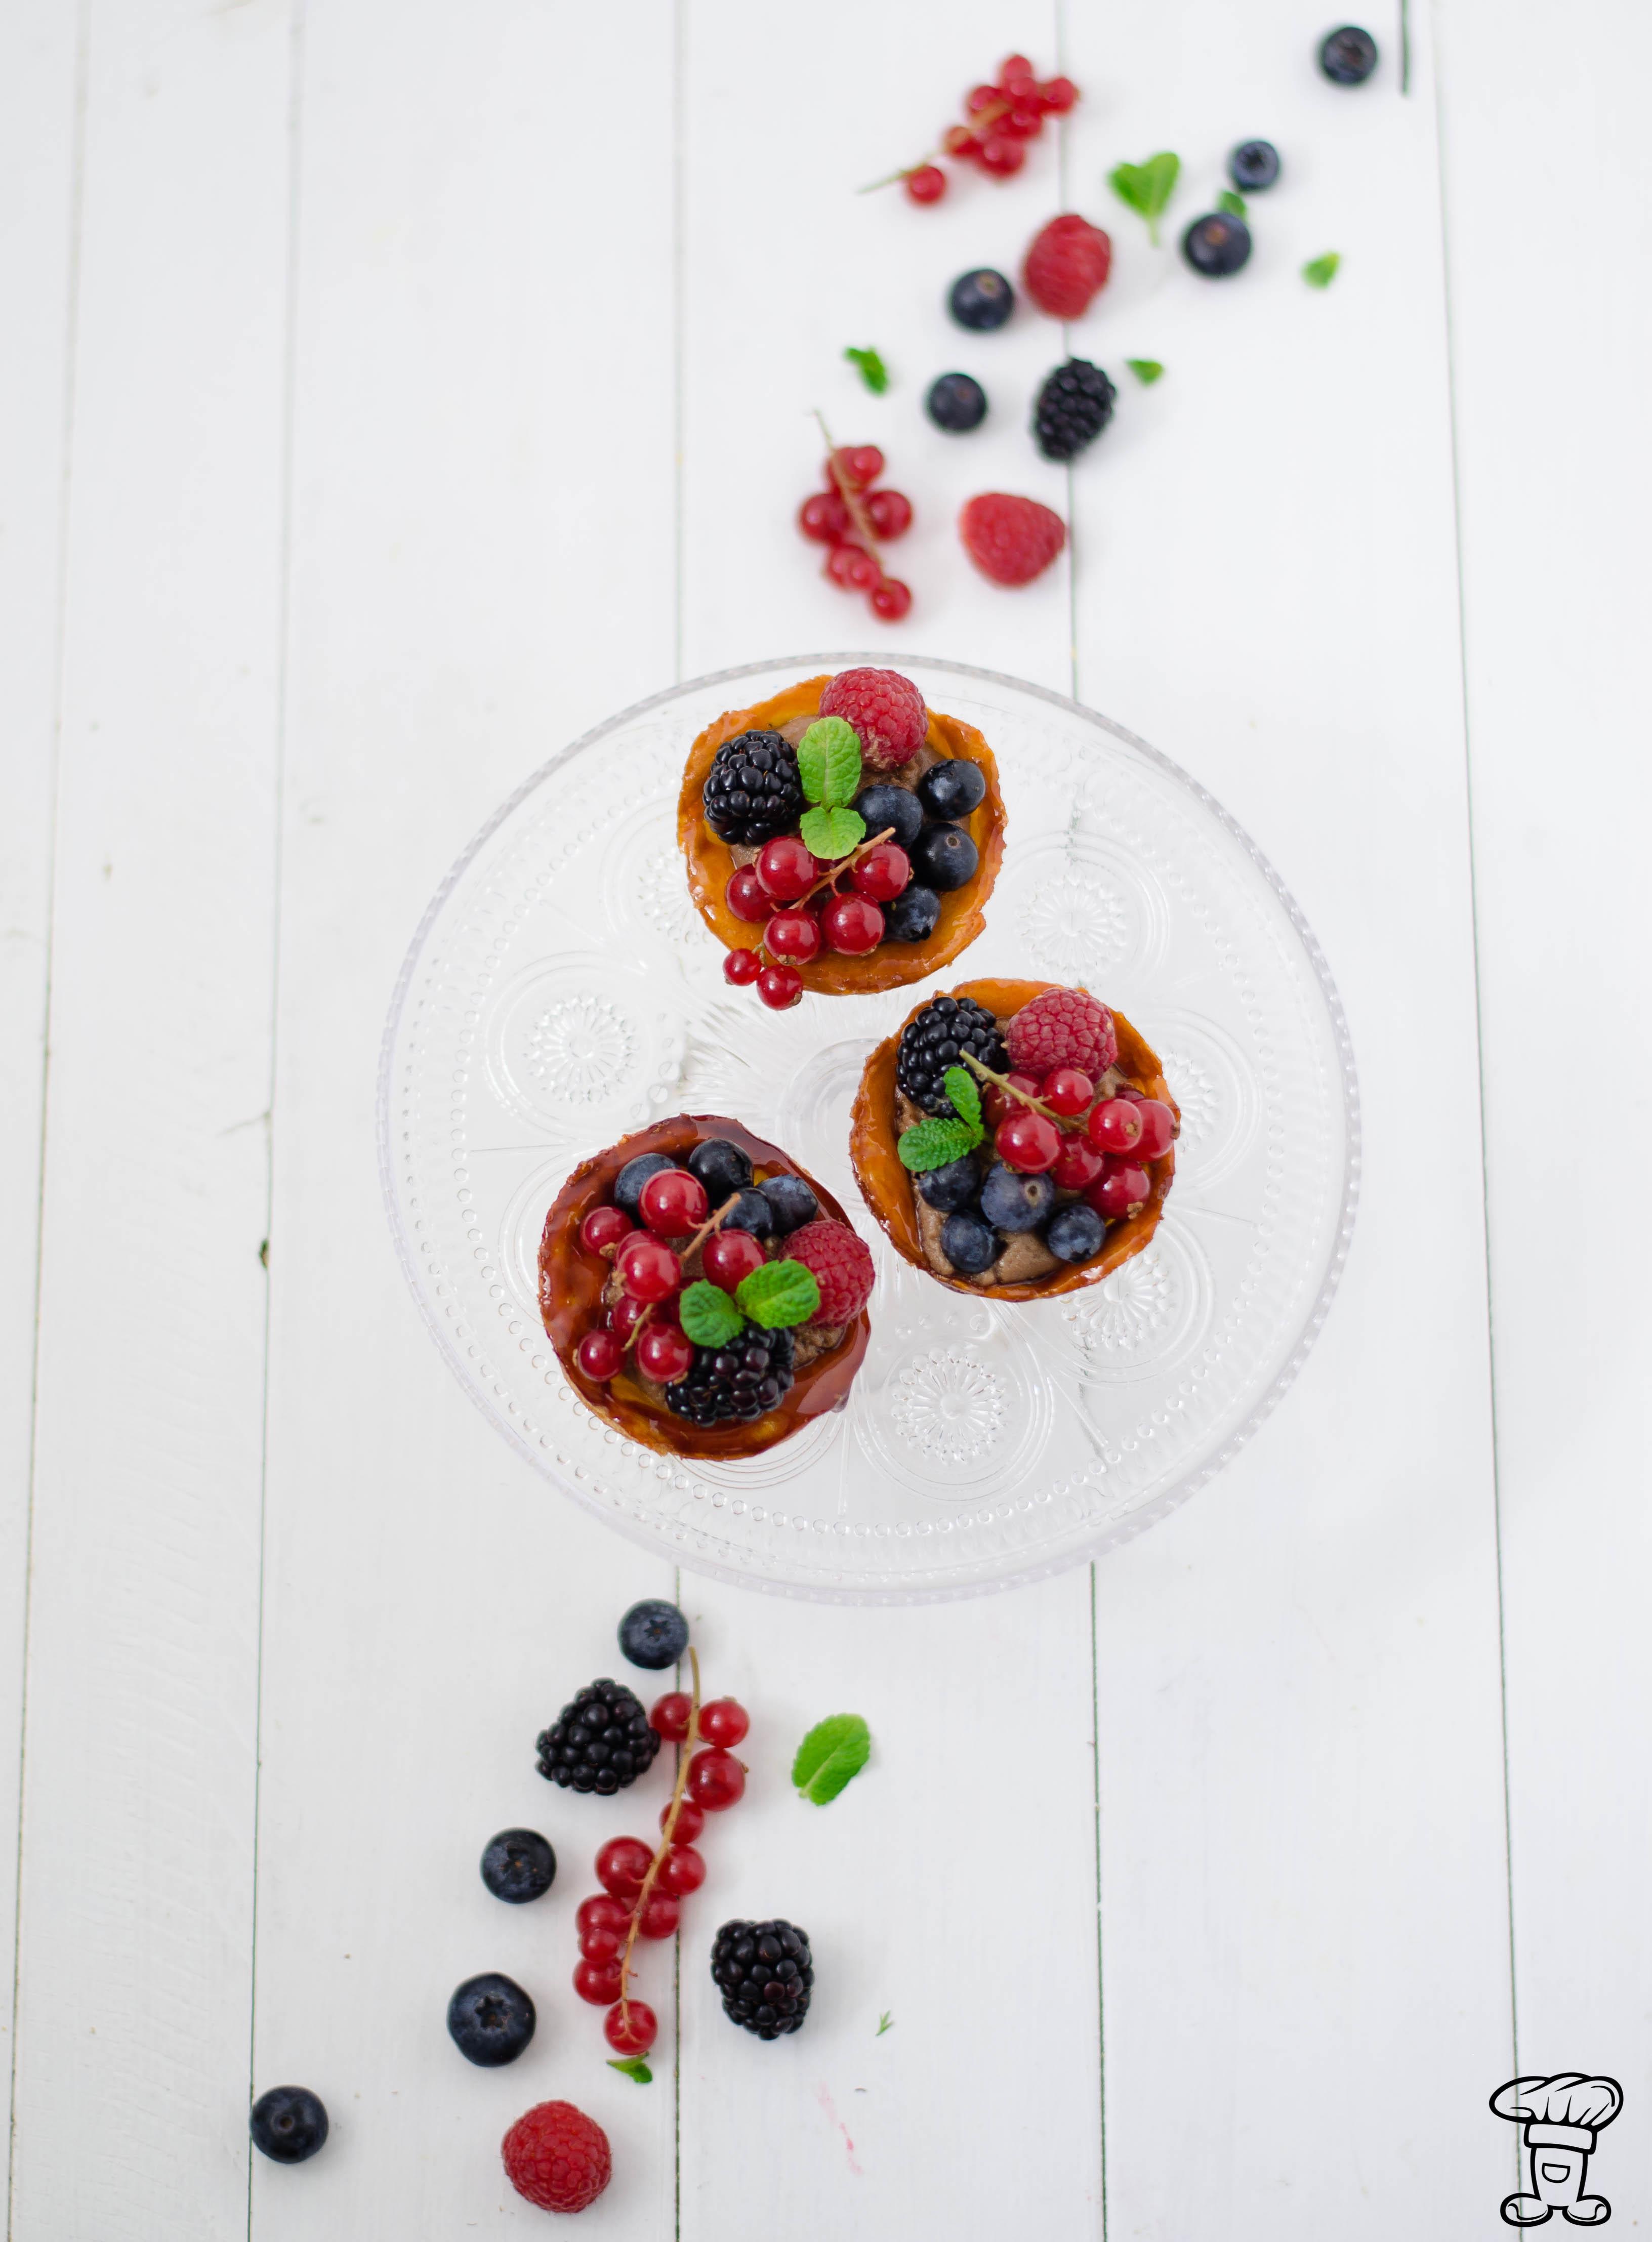 Trat_choux_fruttibosco Tartelettes di pasta choux, cioccolato e frutti di bosco